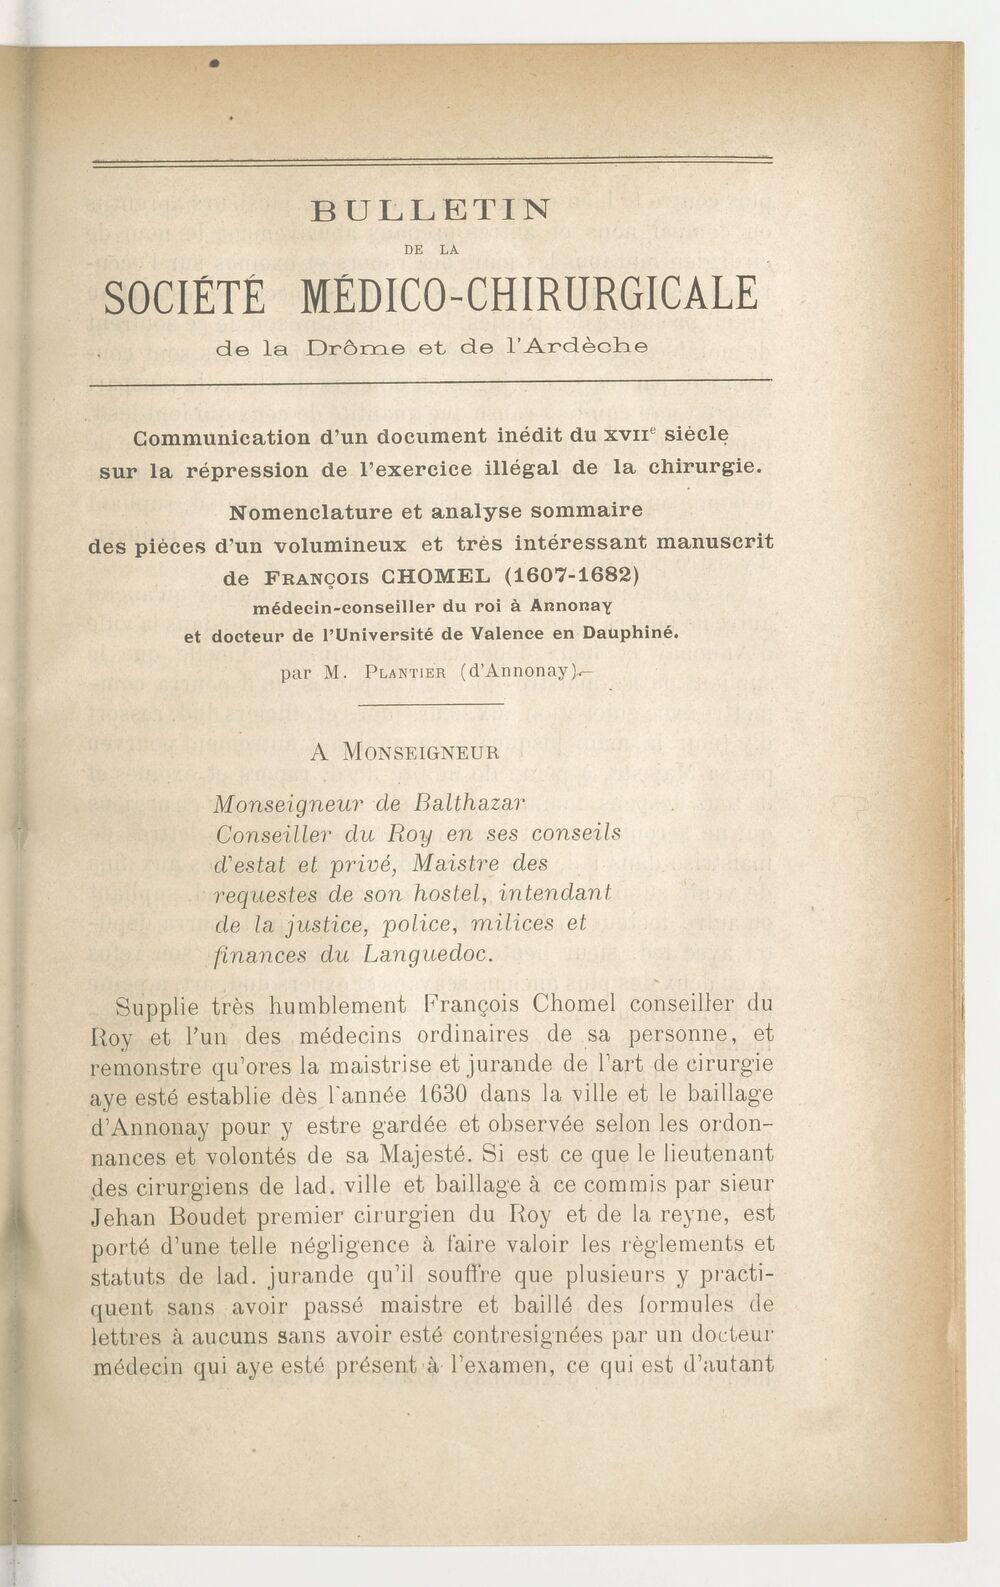 Bulletin de la Société médico-chirurgicale de la Drôme et de l'Ardèche